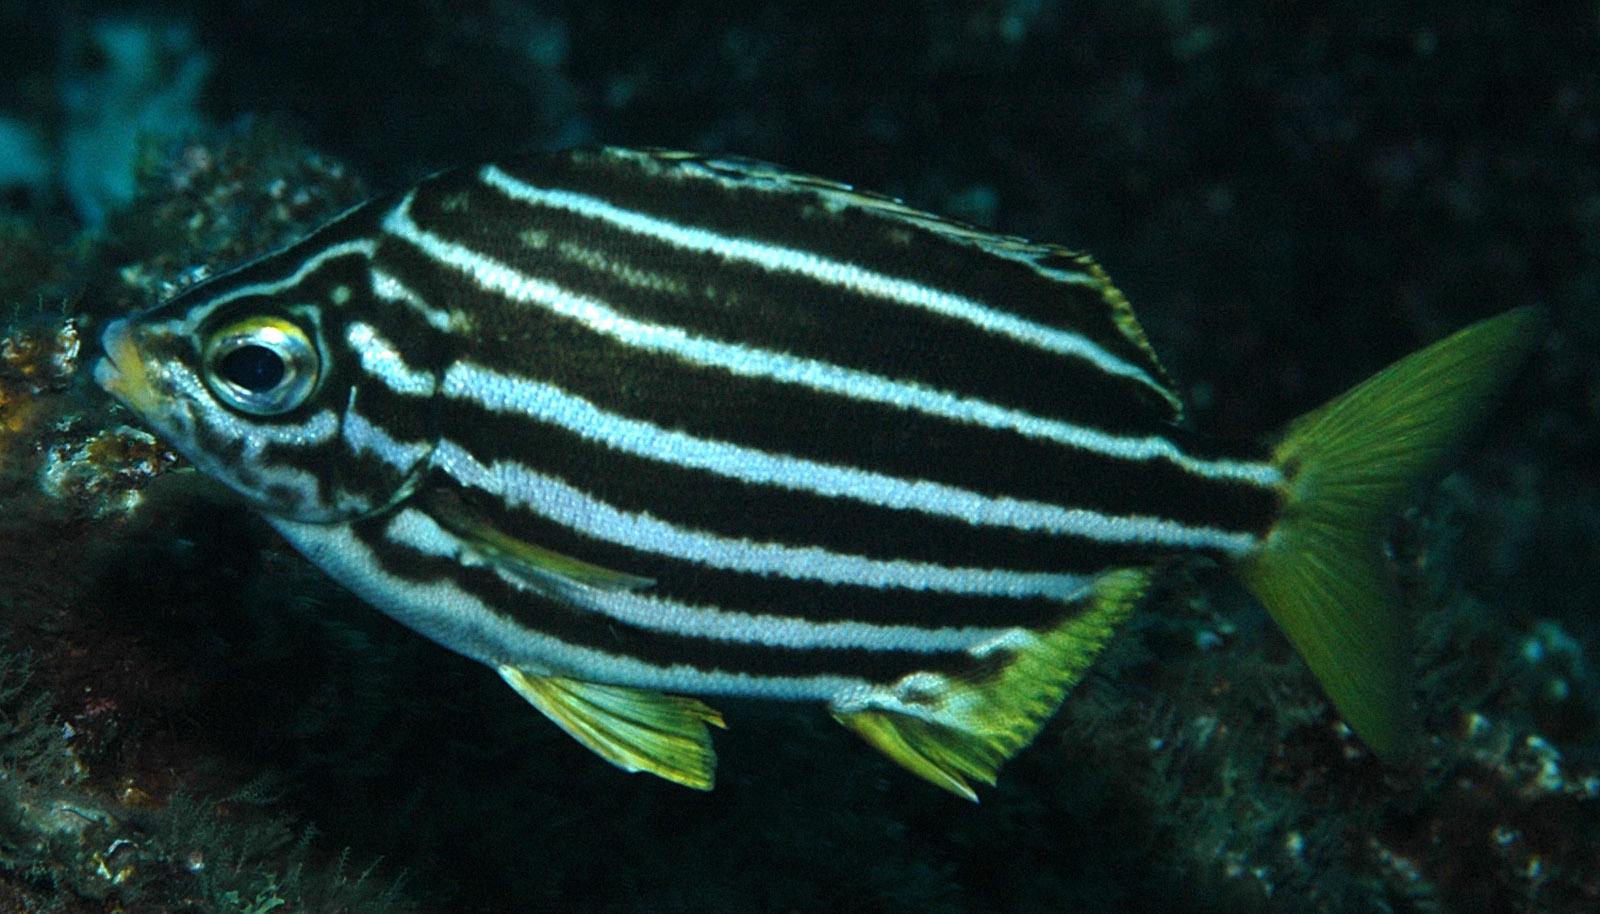 Microcanthinae - Wikipedia